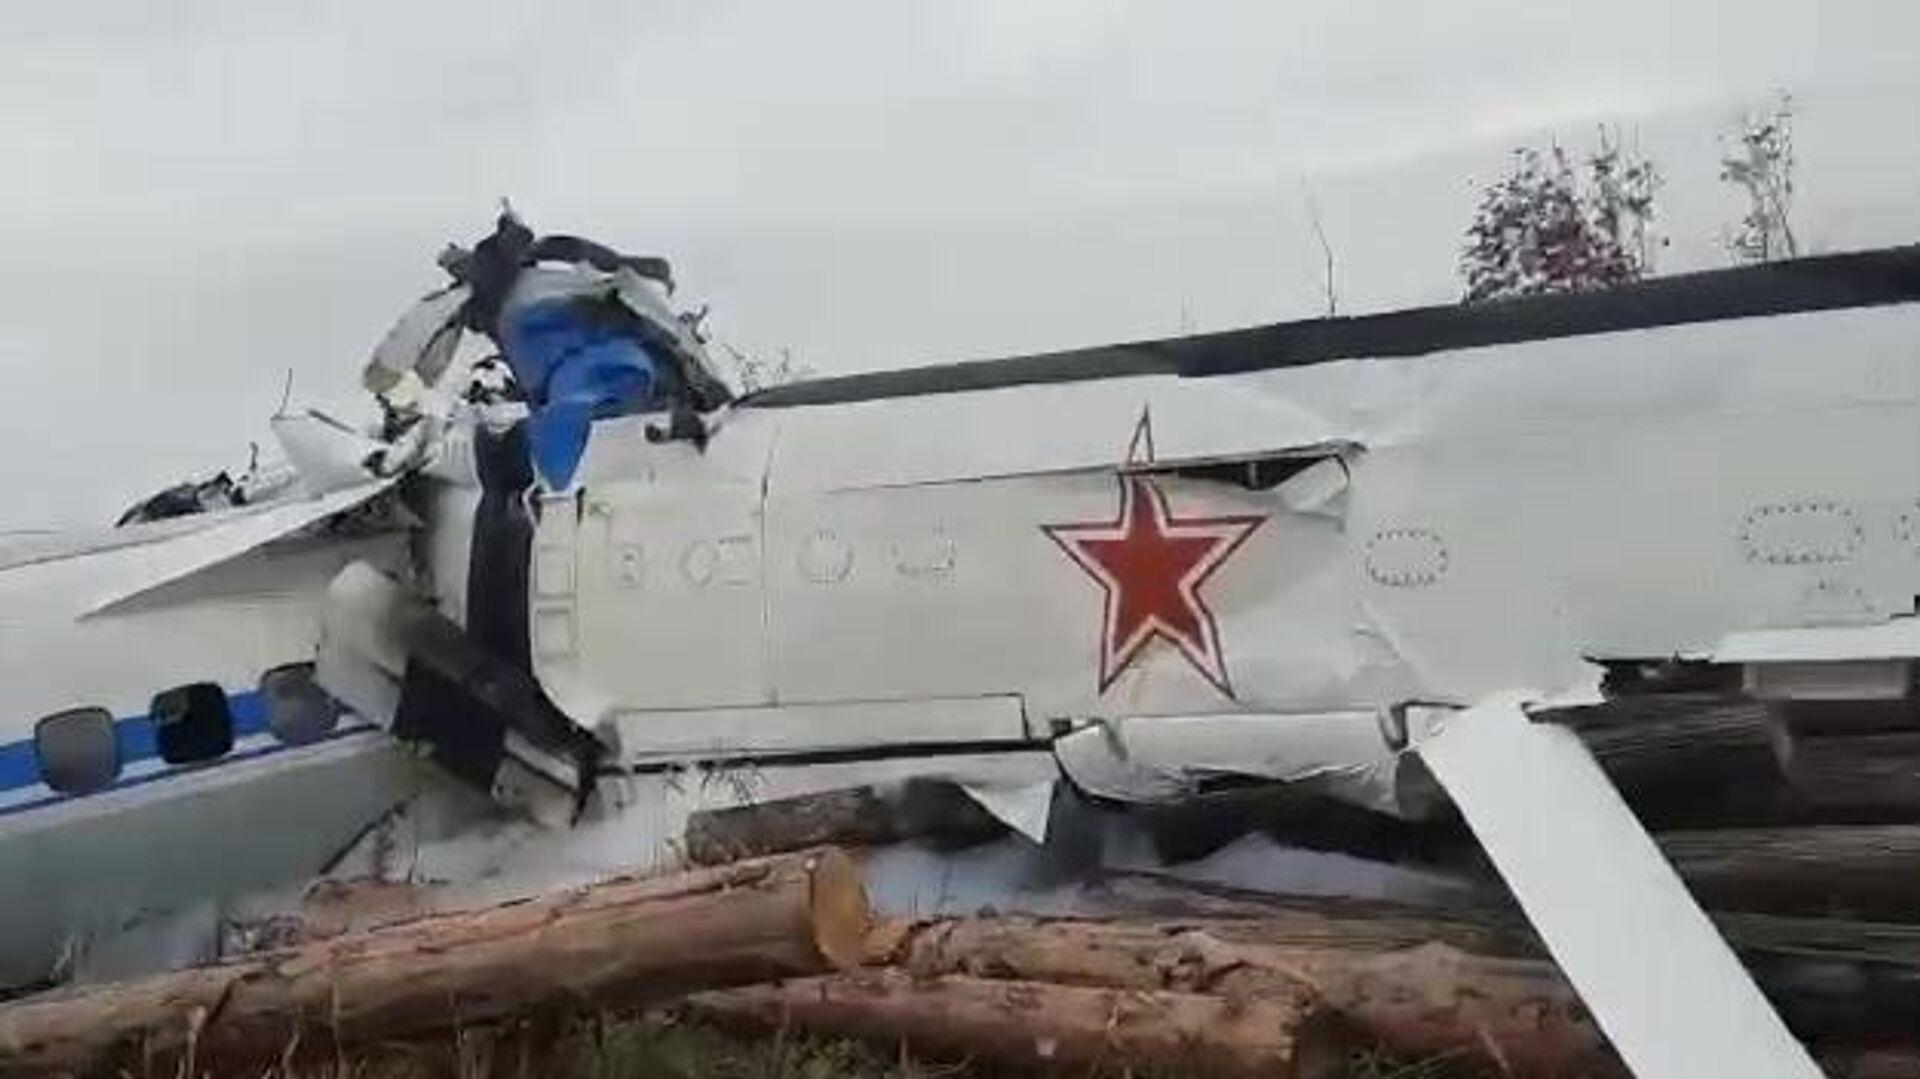 Легкомоторный самолет L-410, разбившийся в нескольких километрах от Мензелинска в Татарстане (скриншот видео) - РИА Новости, 1920, 10.10.2021